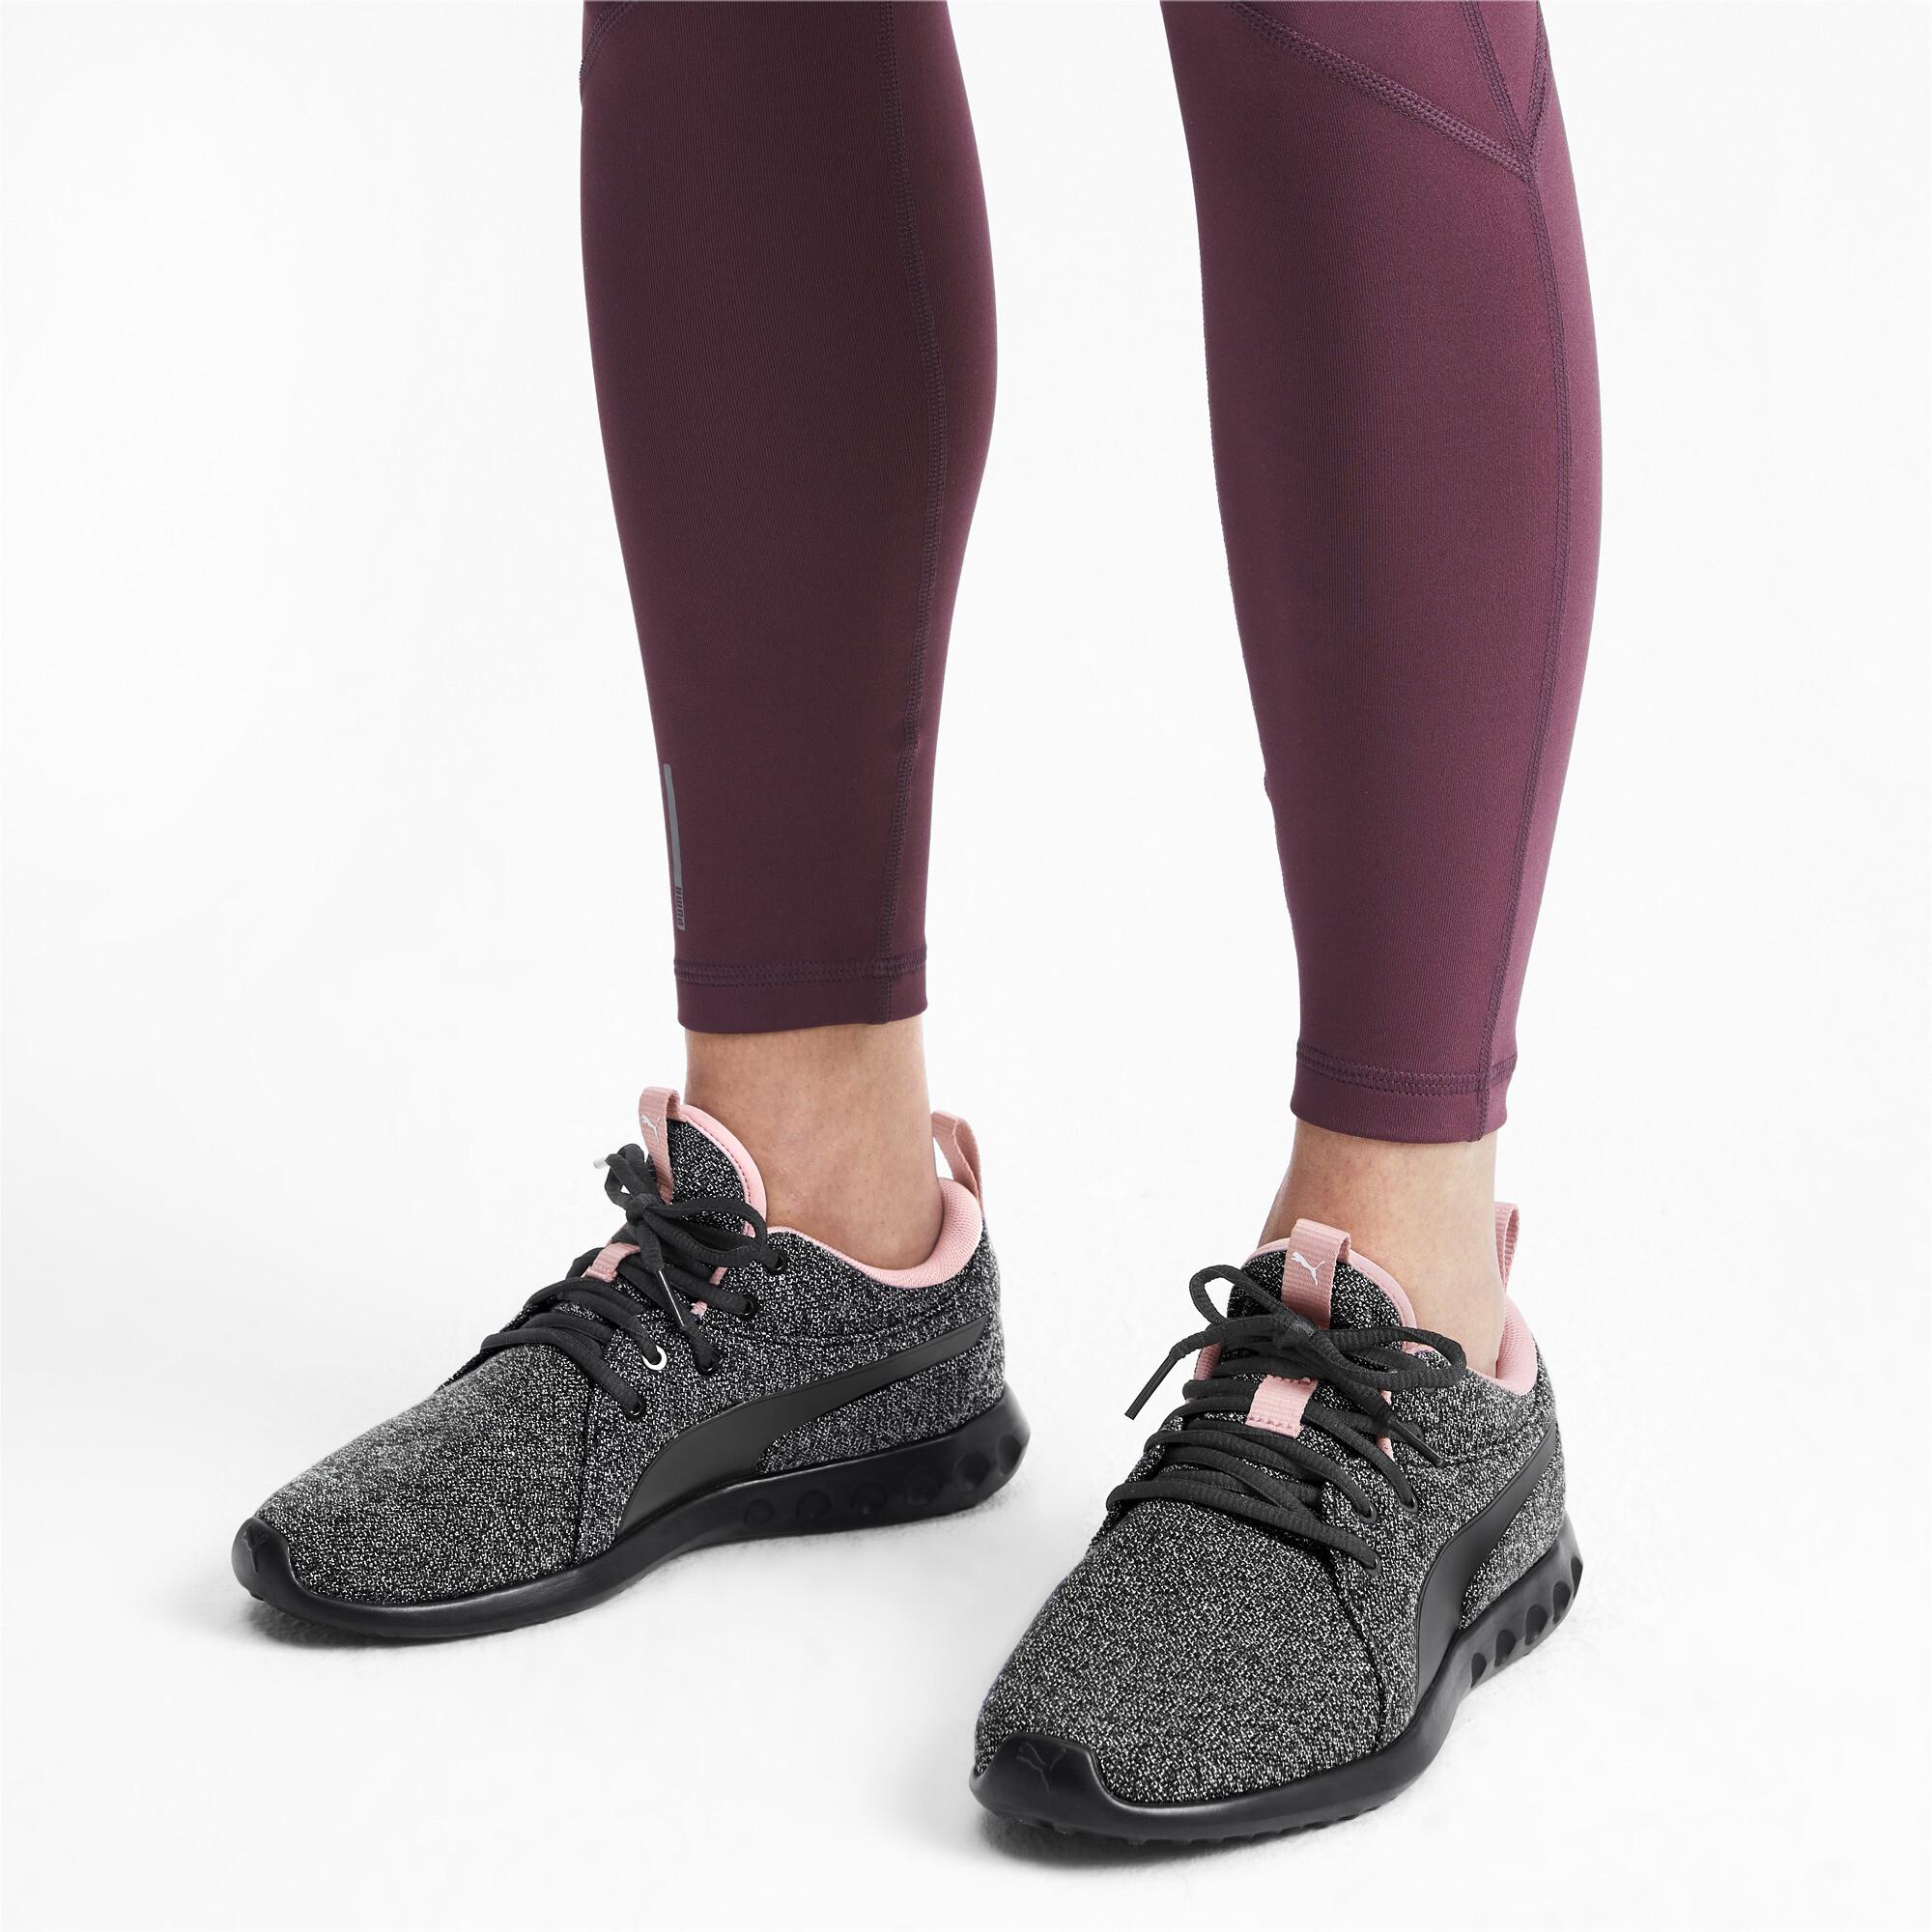 PUMA-Carson-2-Knit-Women-039-s-Running-Shoes-Women-Shoe-Running thumbnail 20